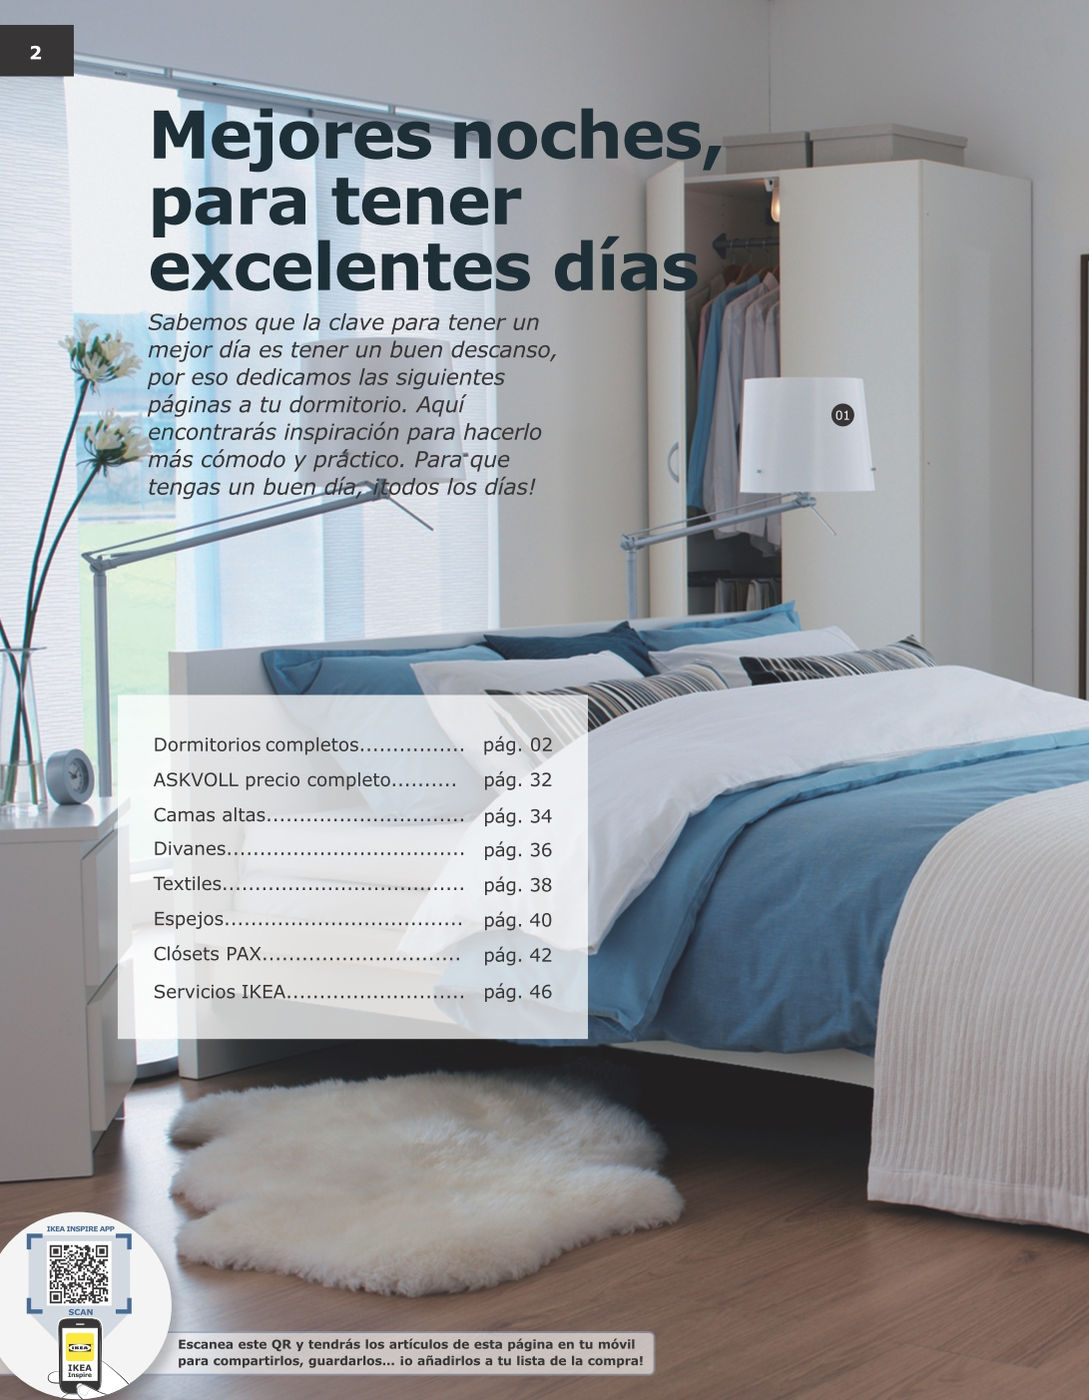 Ikea catalogo camas ofertas de ikea novedades catlogo for Ikea catalogo camas